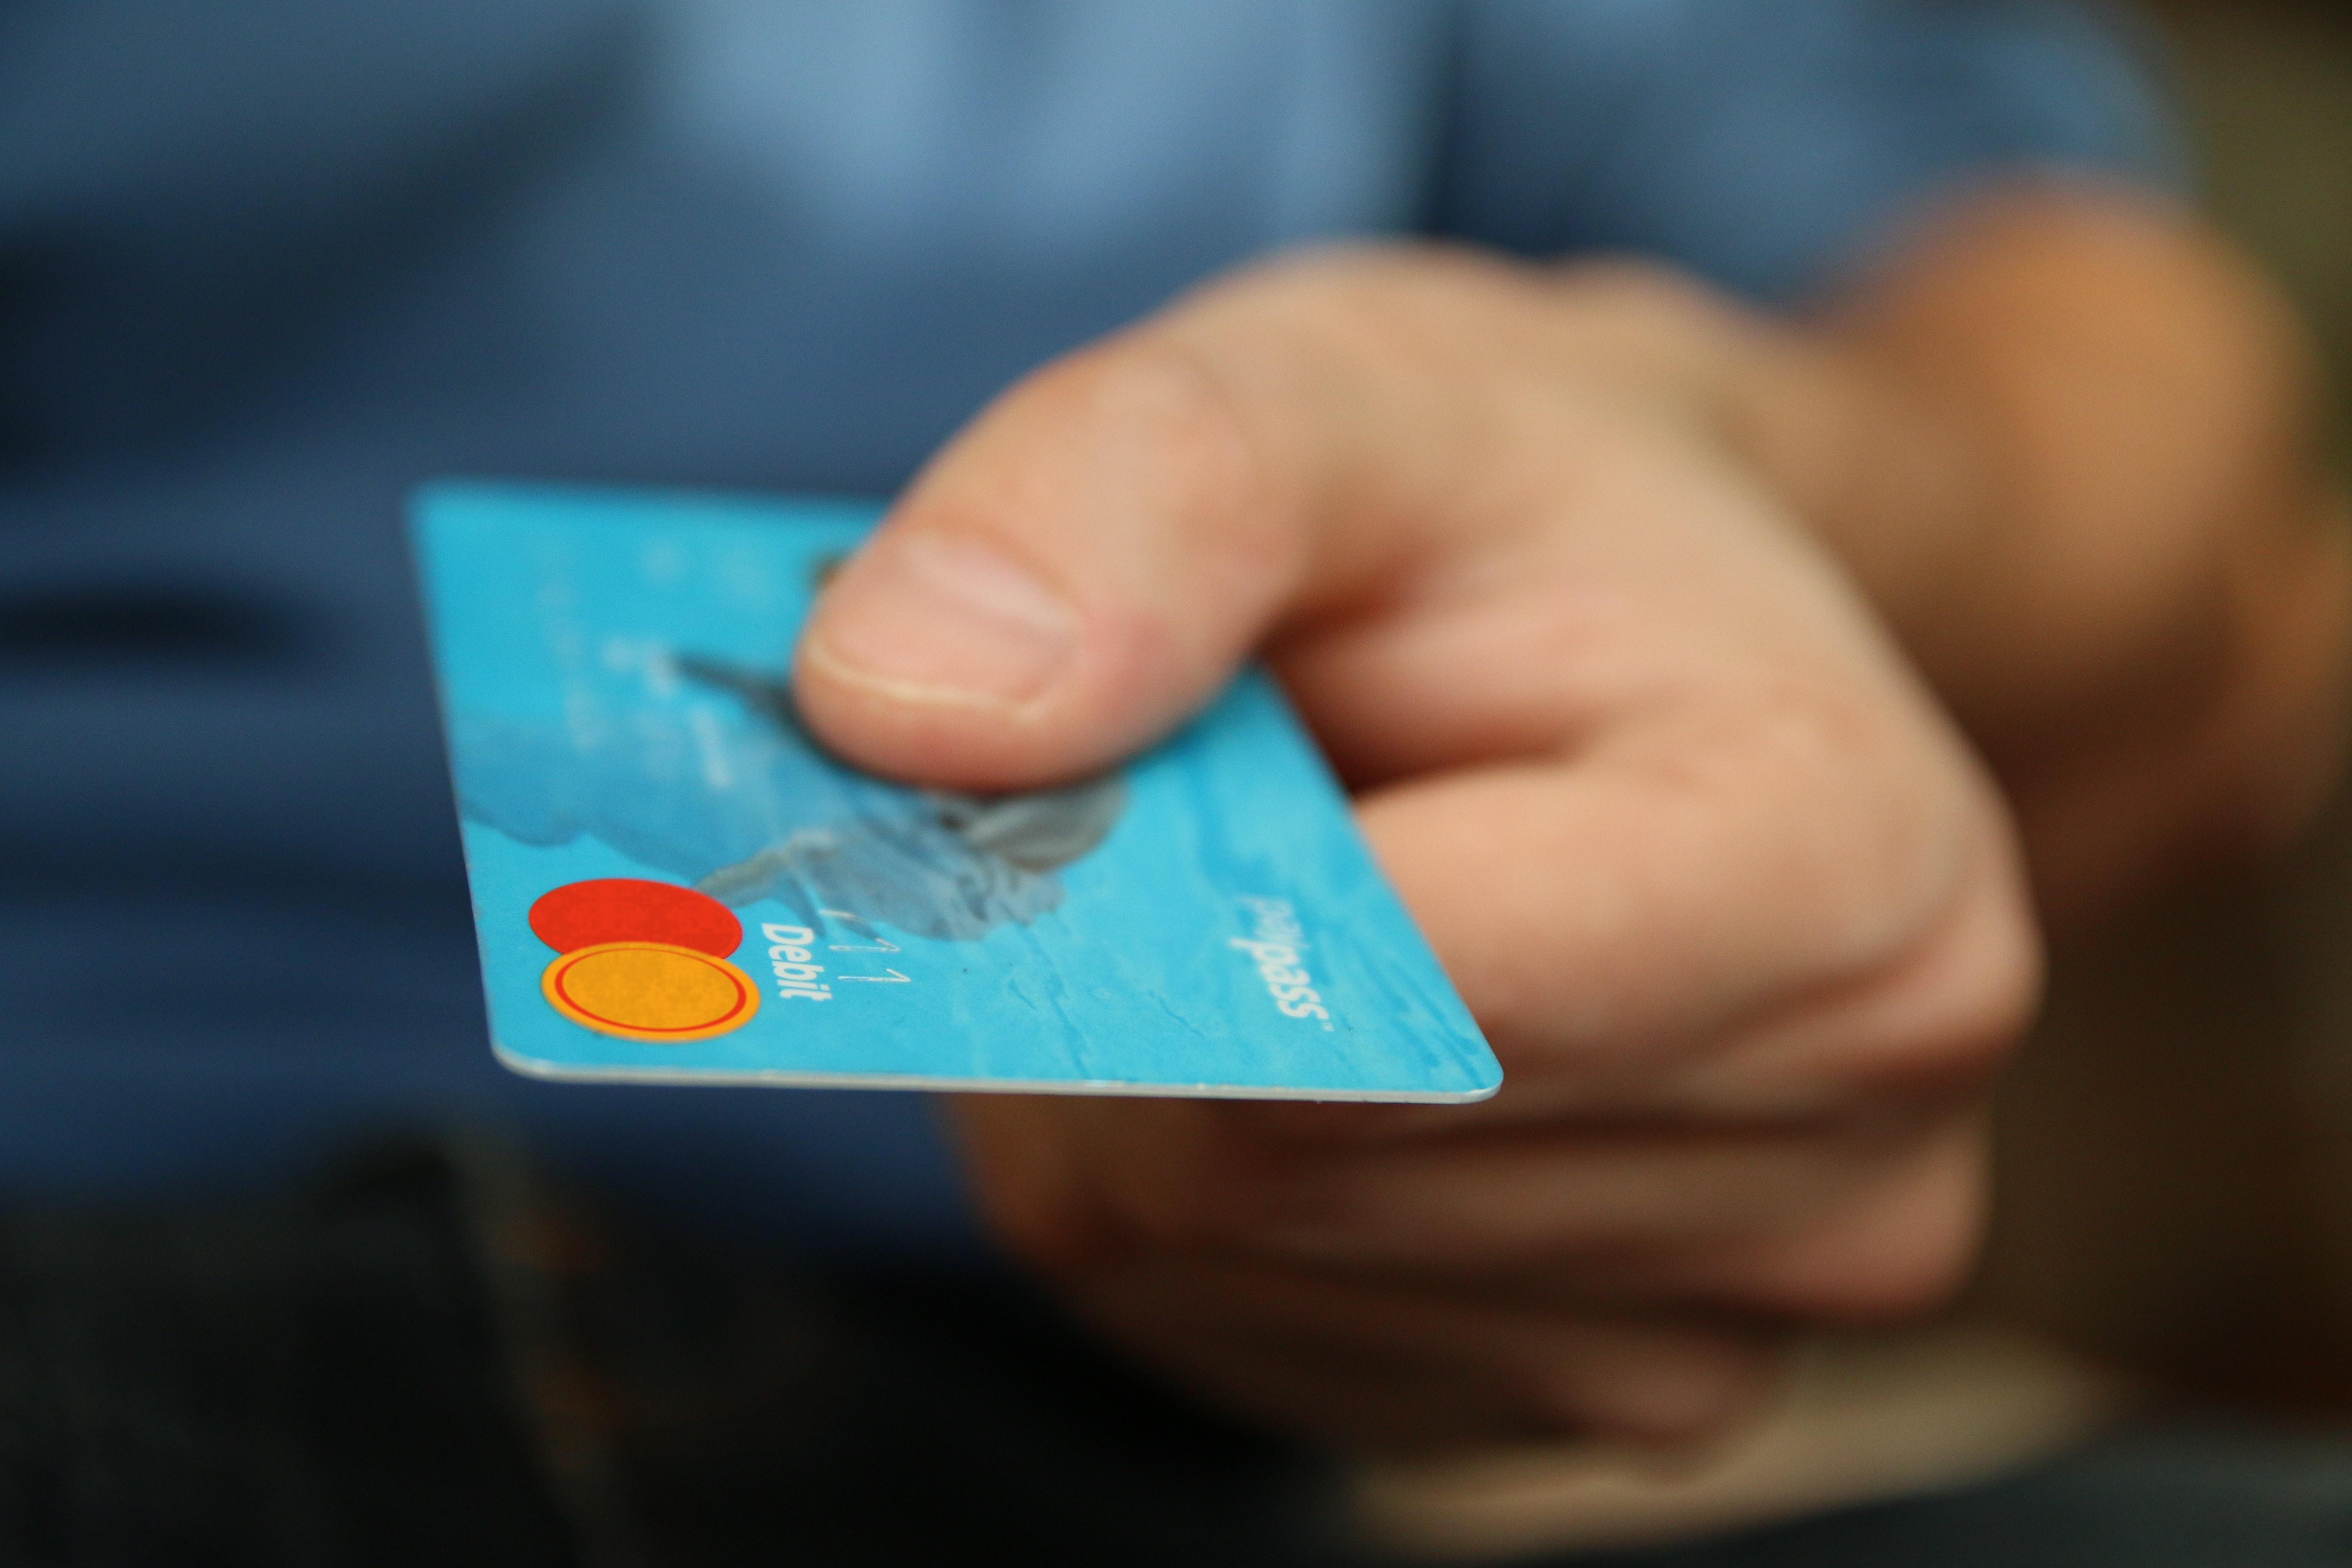 Půjčka bez doložení příjmu na cokoliv až do 20 tisíc Kč